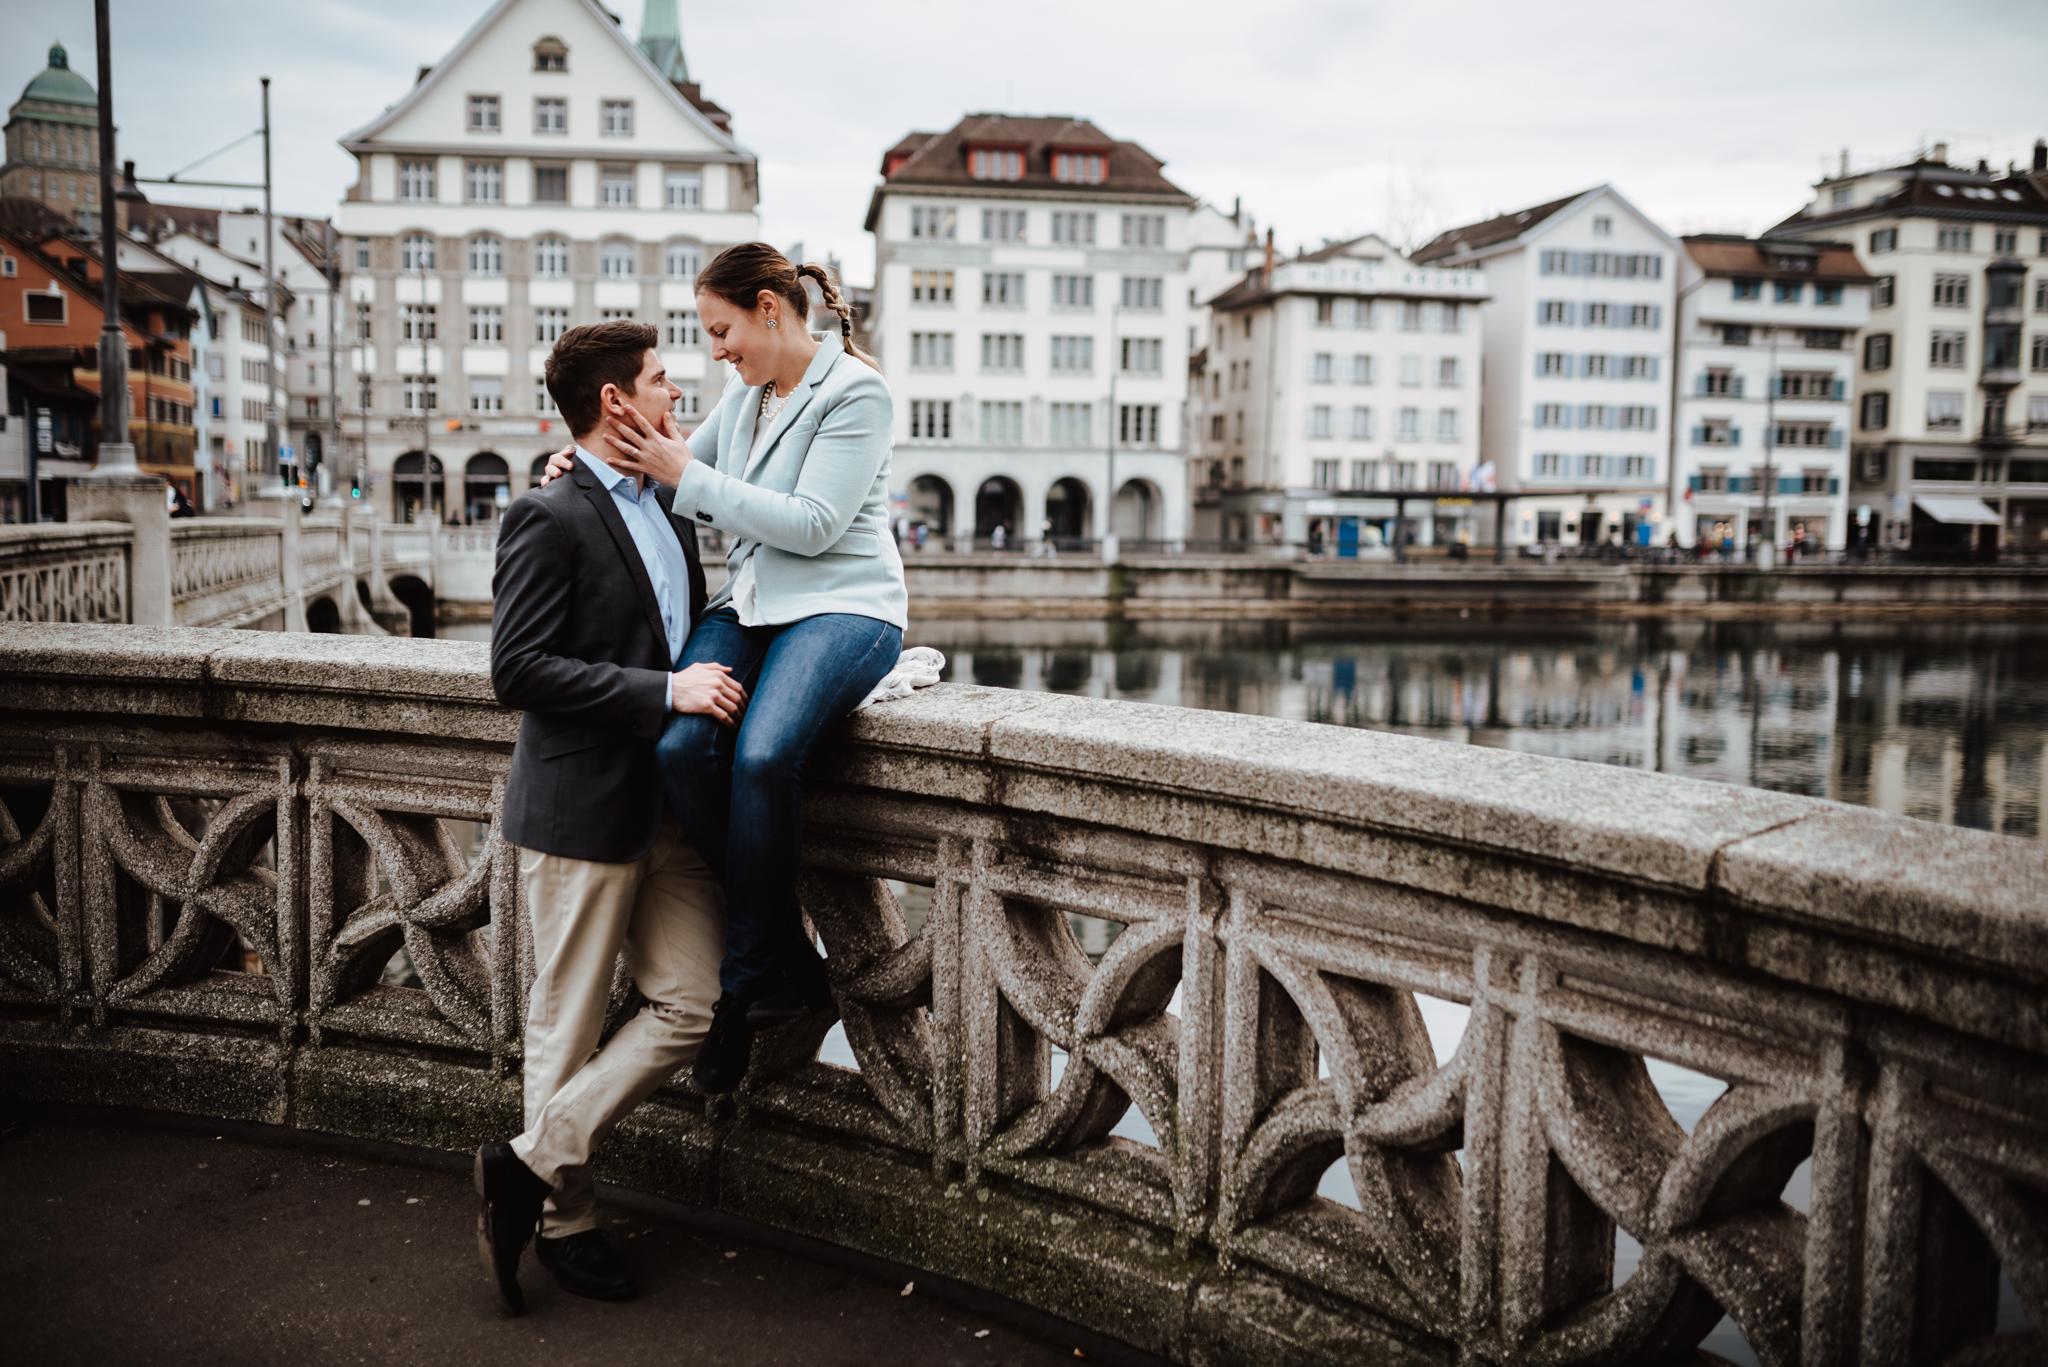 engagement in zurich switzerland europe